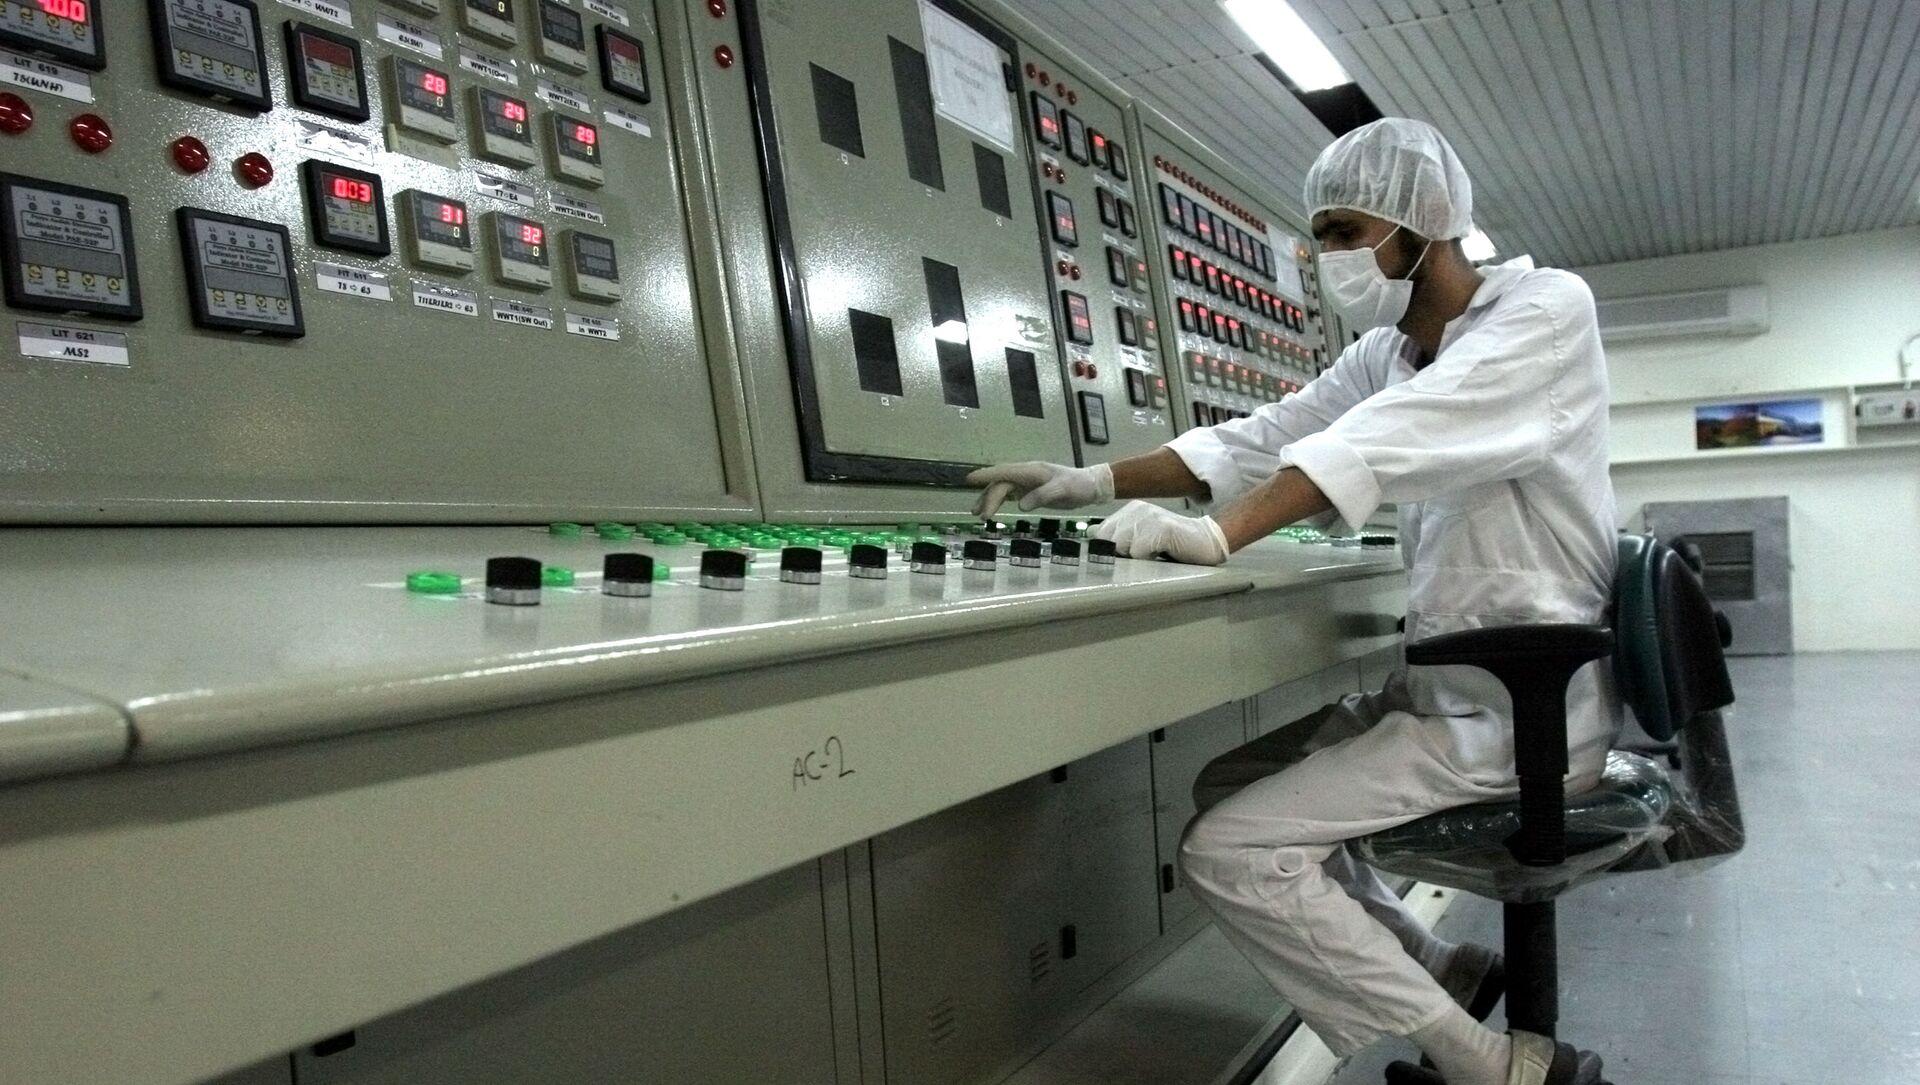 Un spécialiste du nucléaire iranien au site d'Ispahan (archive photo) - Sputnik France, 1920, 19.02.2021